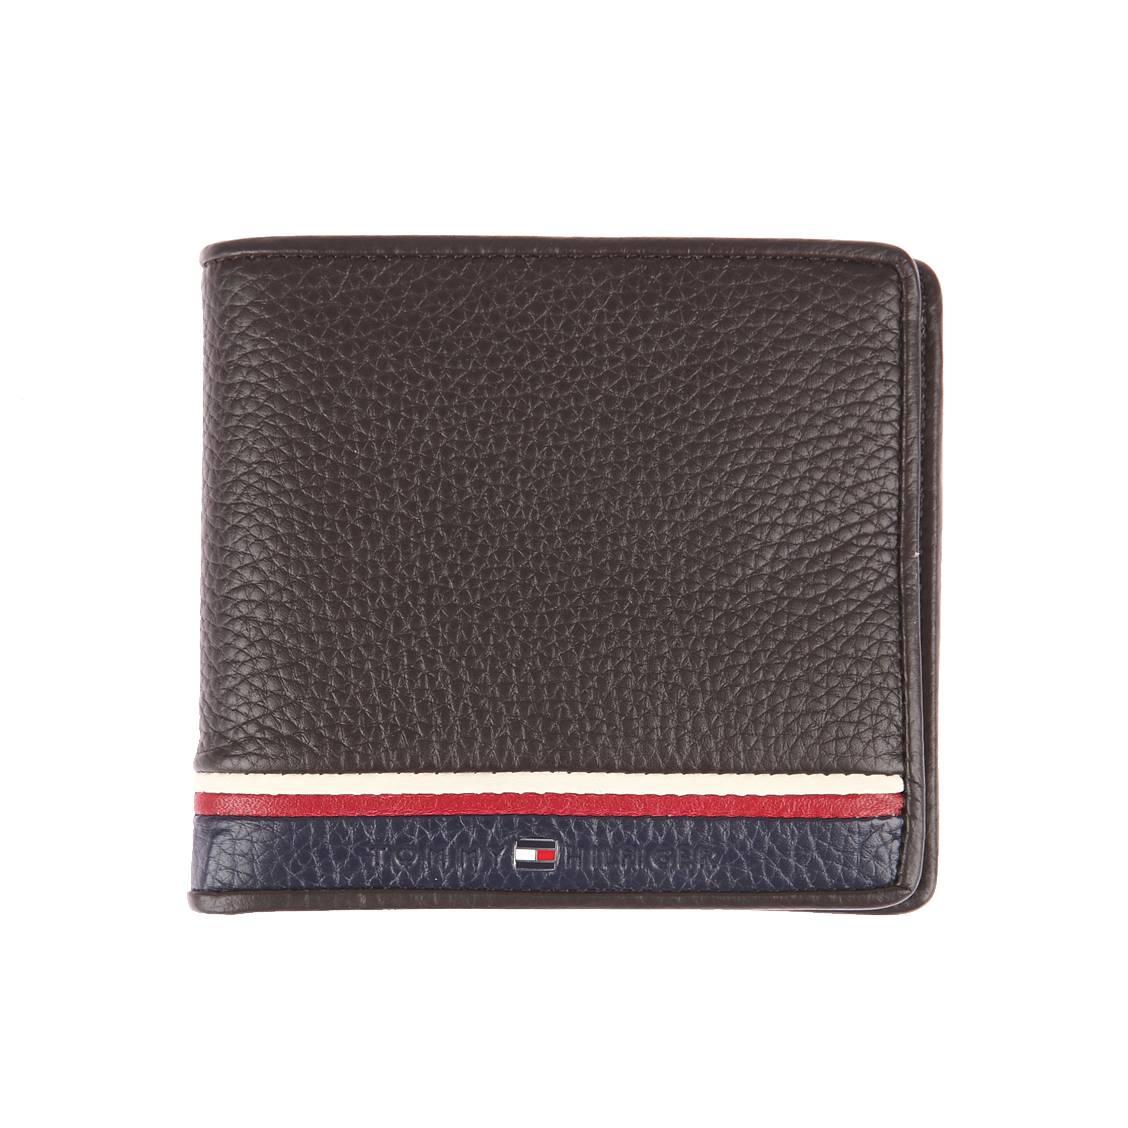 portefeuille italien hilfiger corporate en cuir marron 224 porte monnaie zipp 233 au dos rue